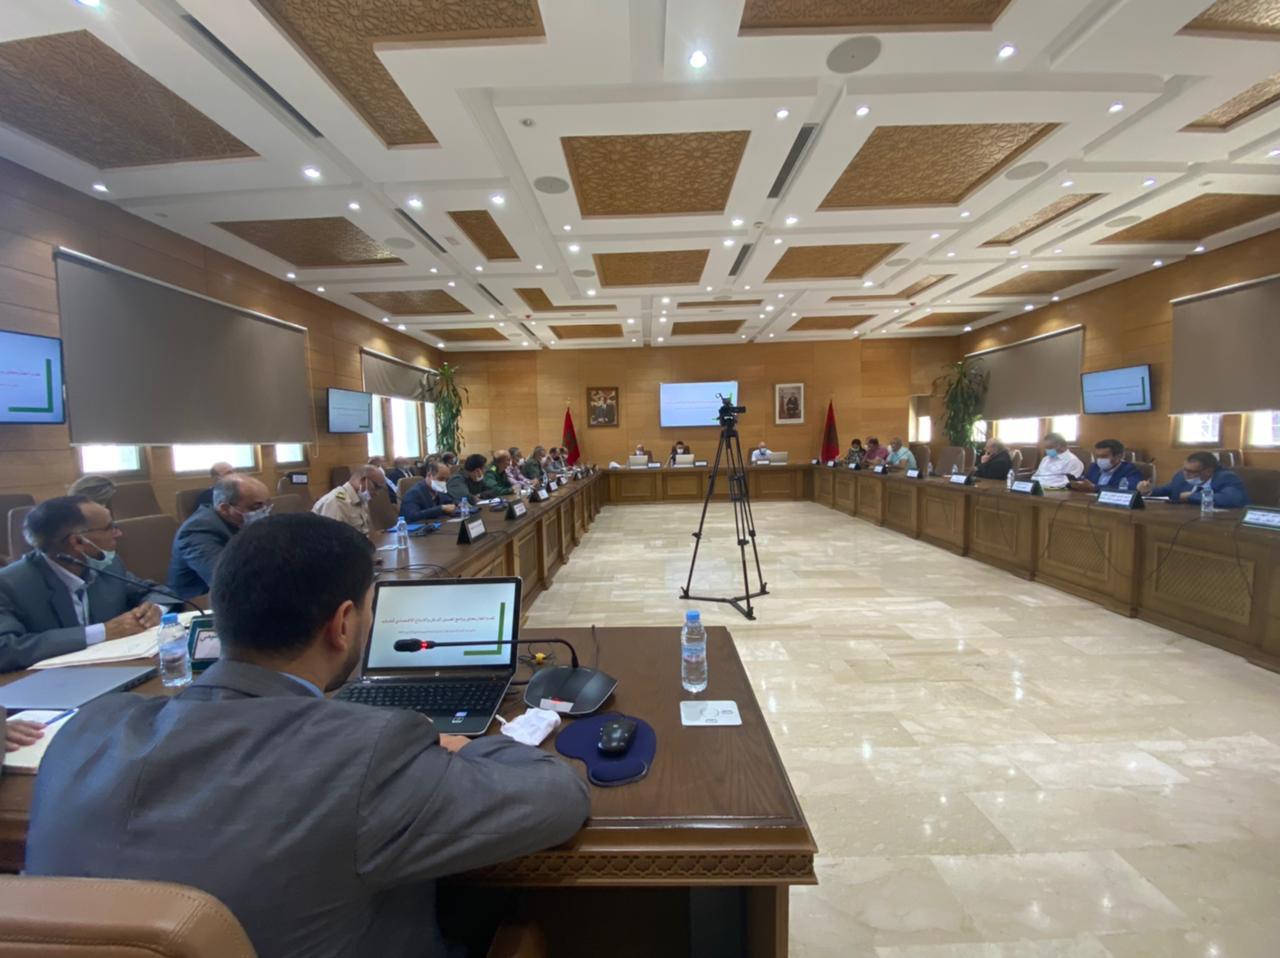 انعقاد الاجتماع الثاني للجنة الإقليمية للتنمية البشرية لعمالة طنجة-أصيلة برسم سنة 2021